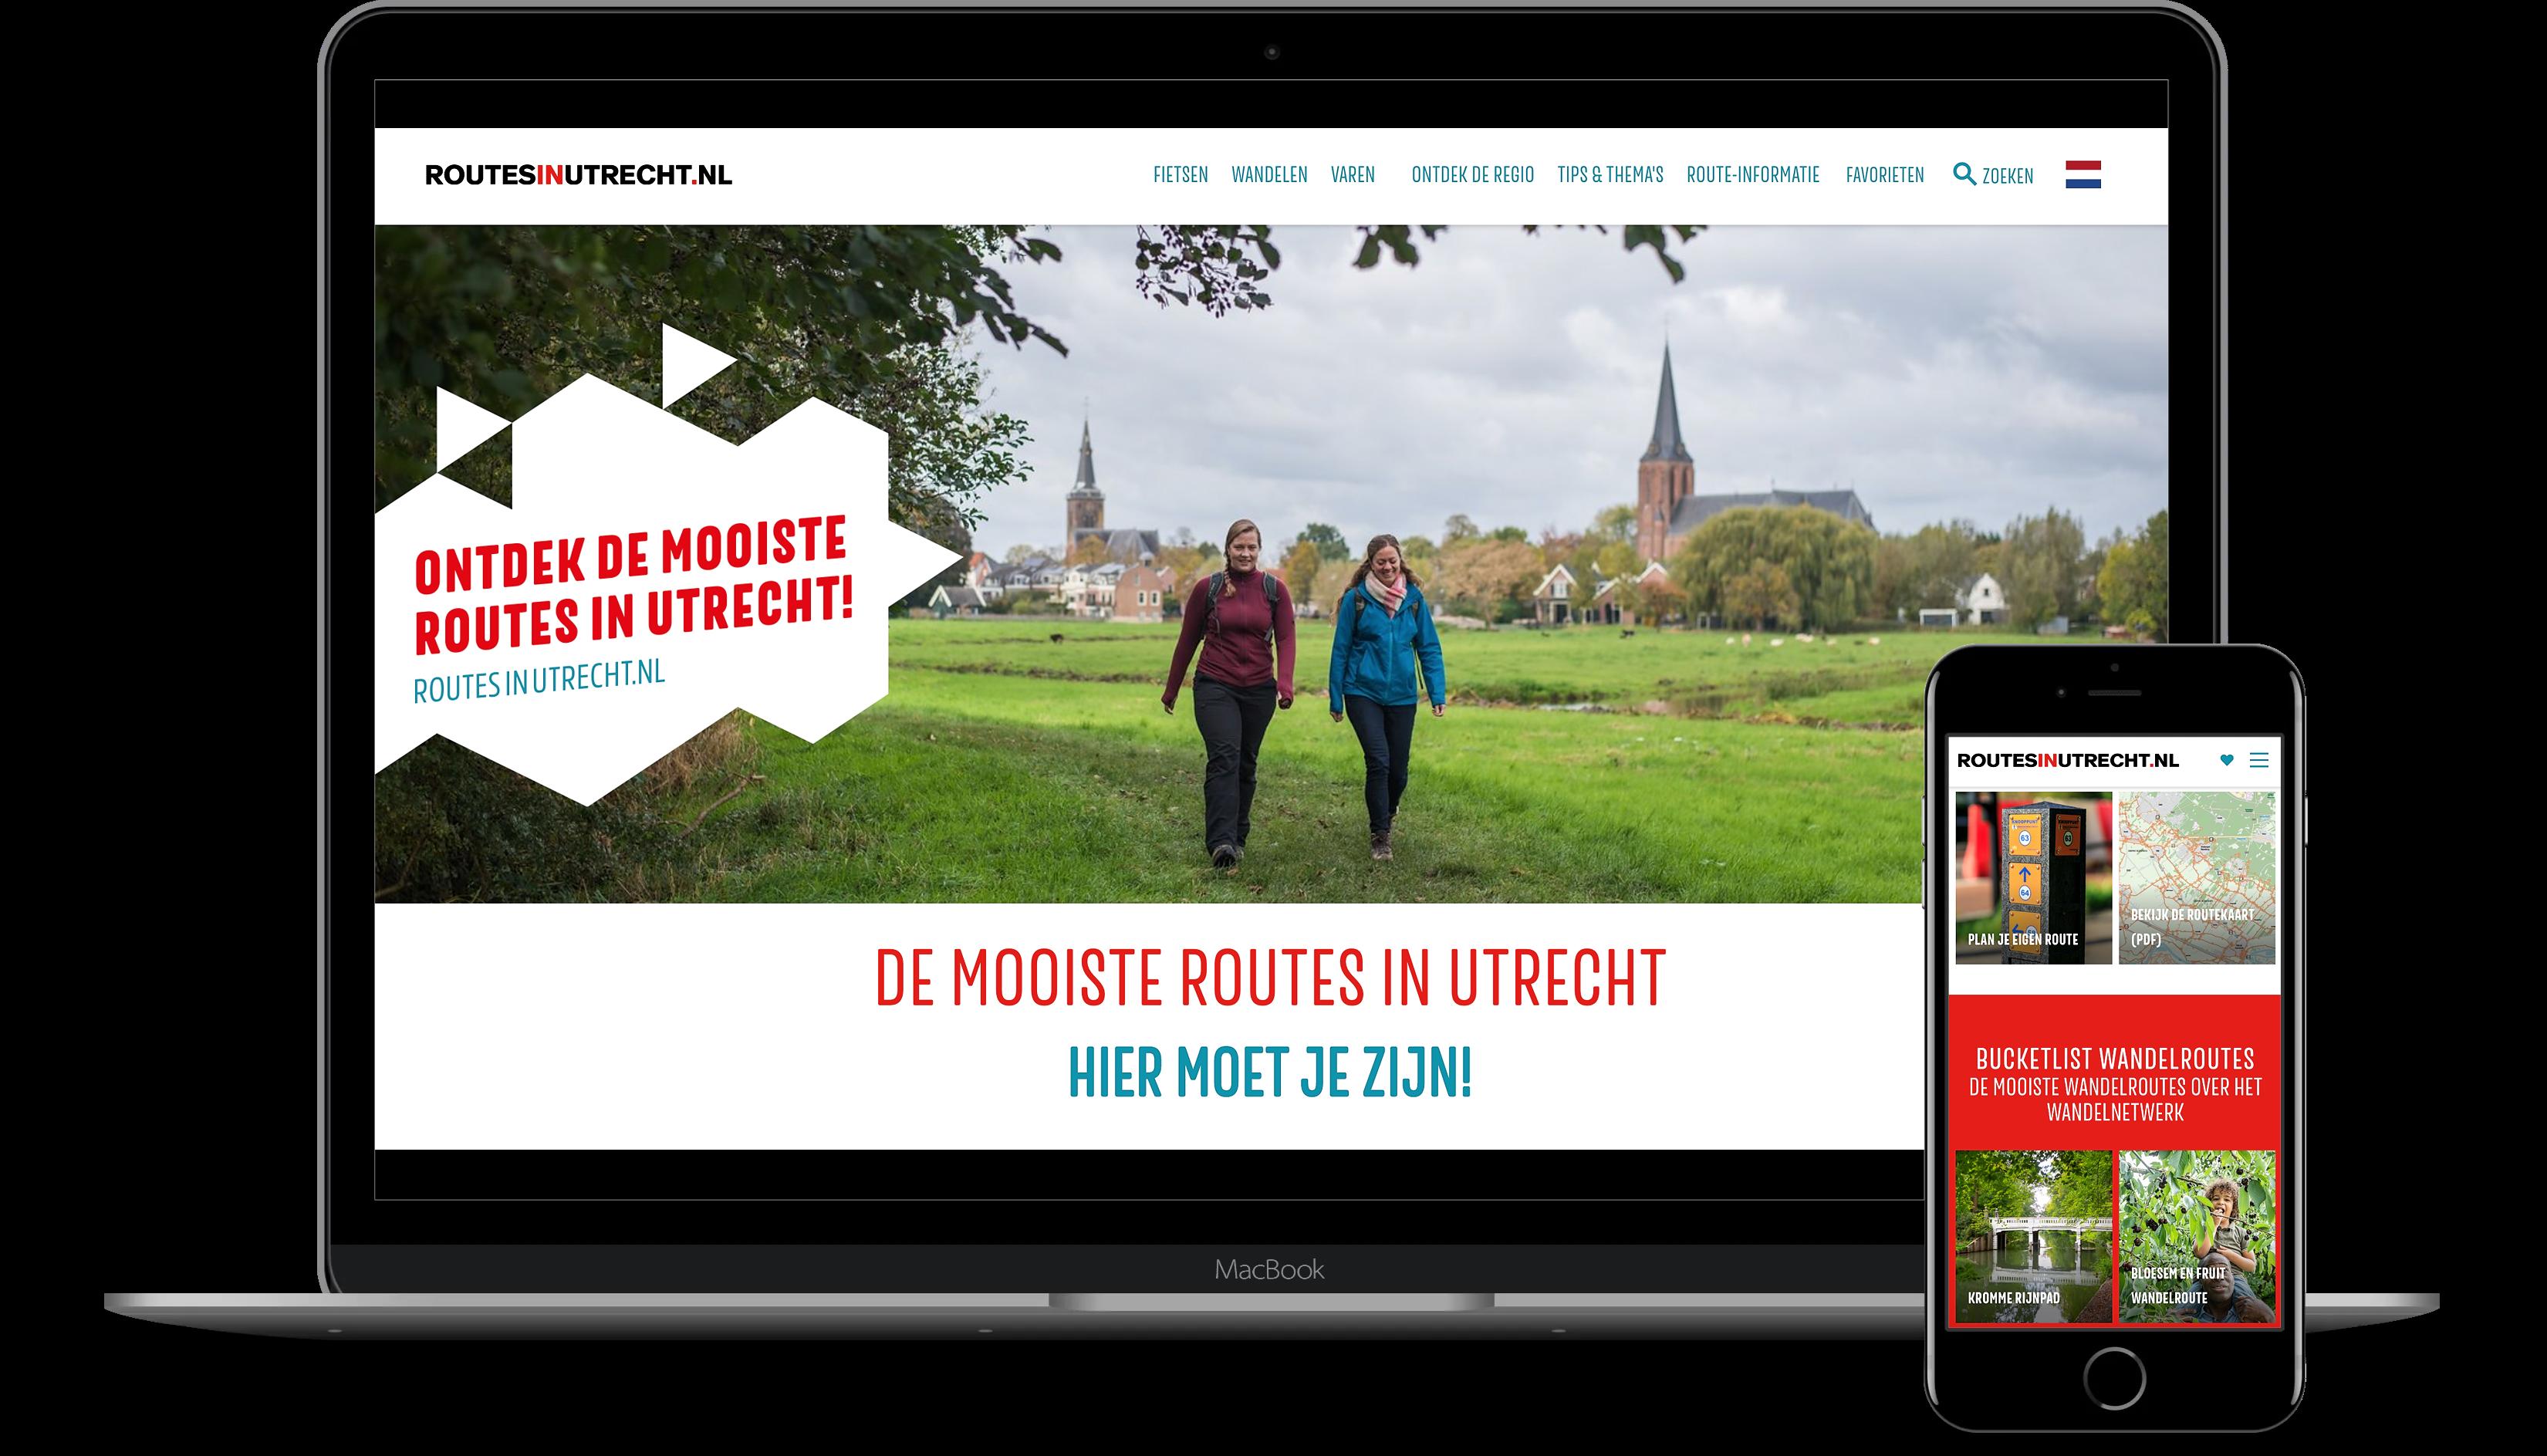 Het platform RoutesinUtrecht.nl neemt een centrale plek in voor de informatievoorziening over routes en routenetwerken